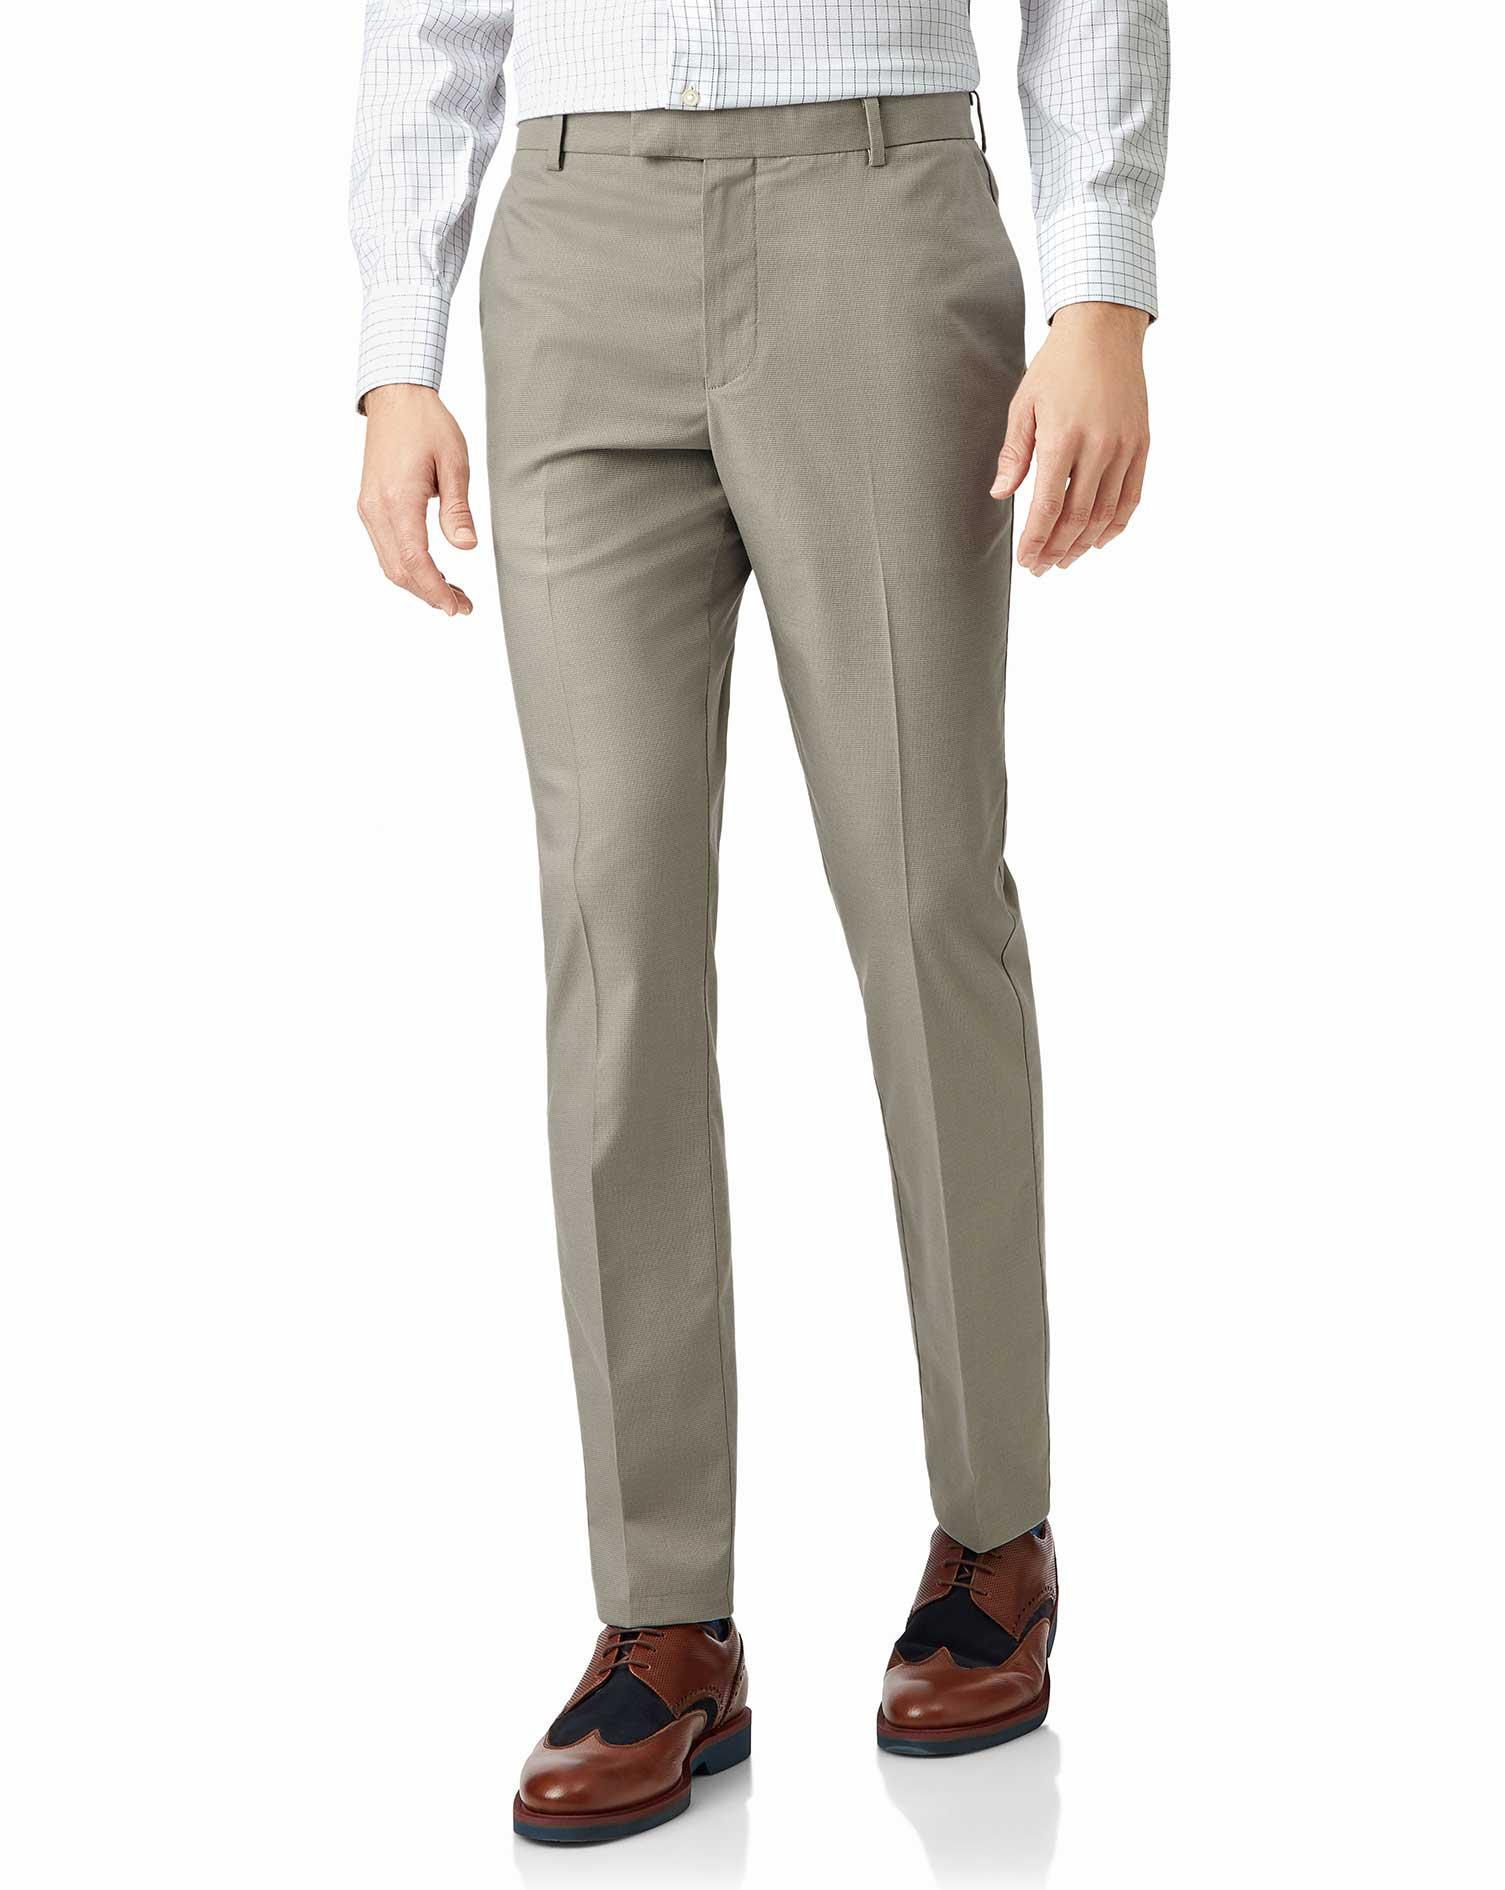 Cotton Stone Non-Iron Stretch Textured Trousers